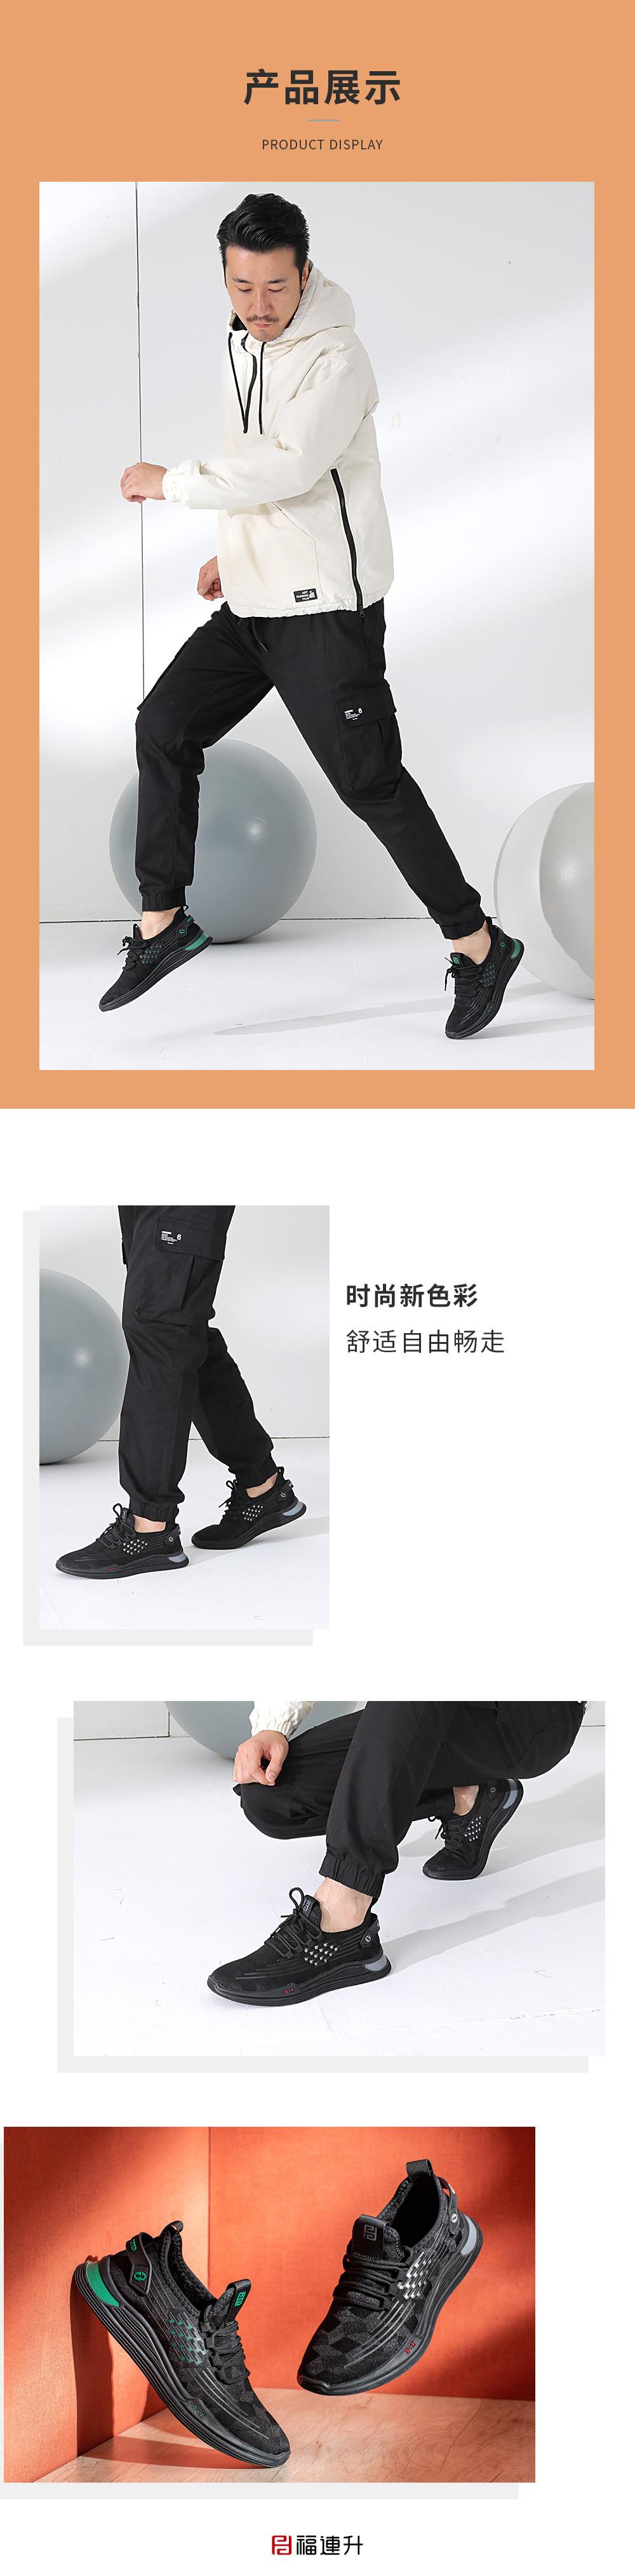 福连升休闲鞋2020冬季新款保暖耐磨时尚运动鞋图片